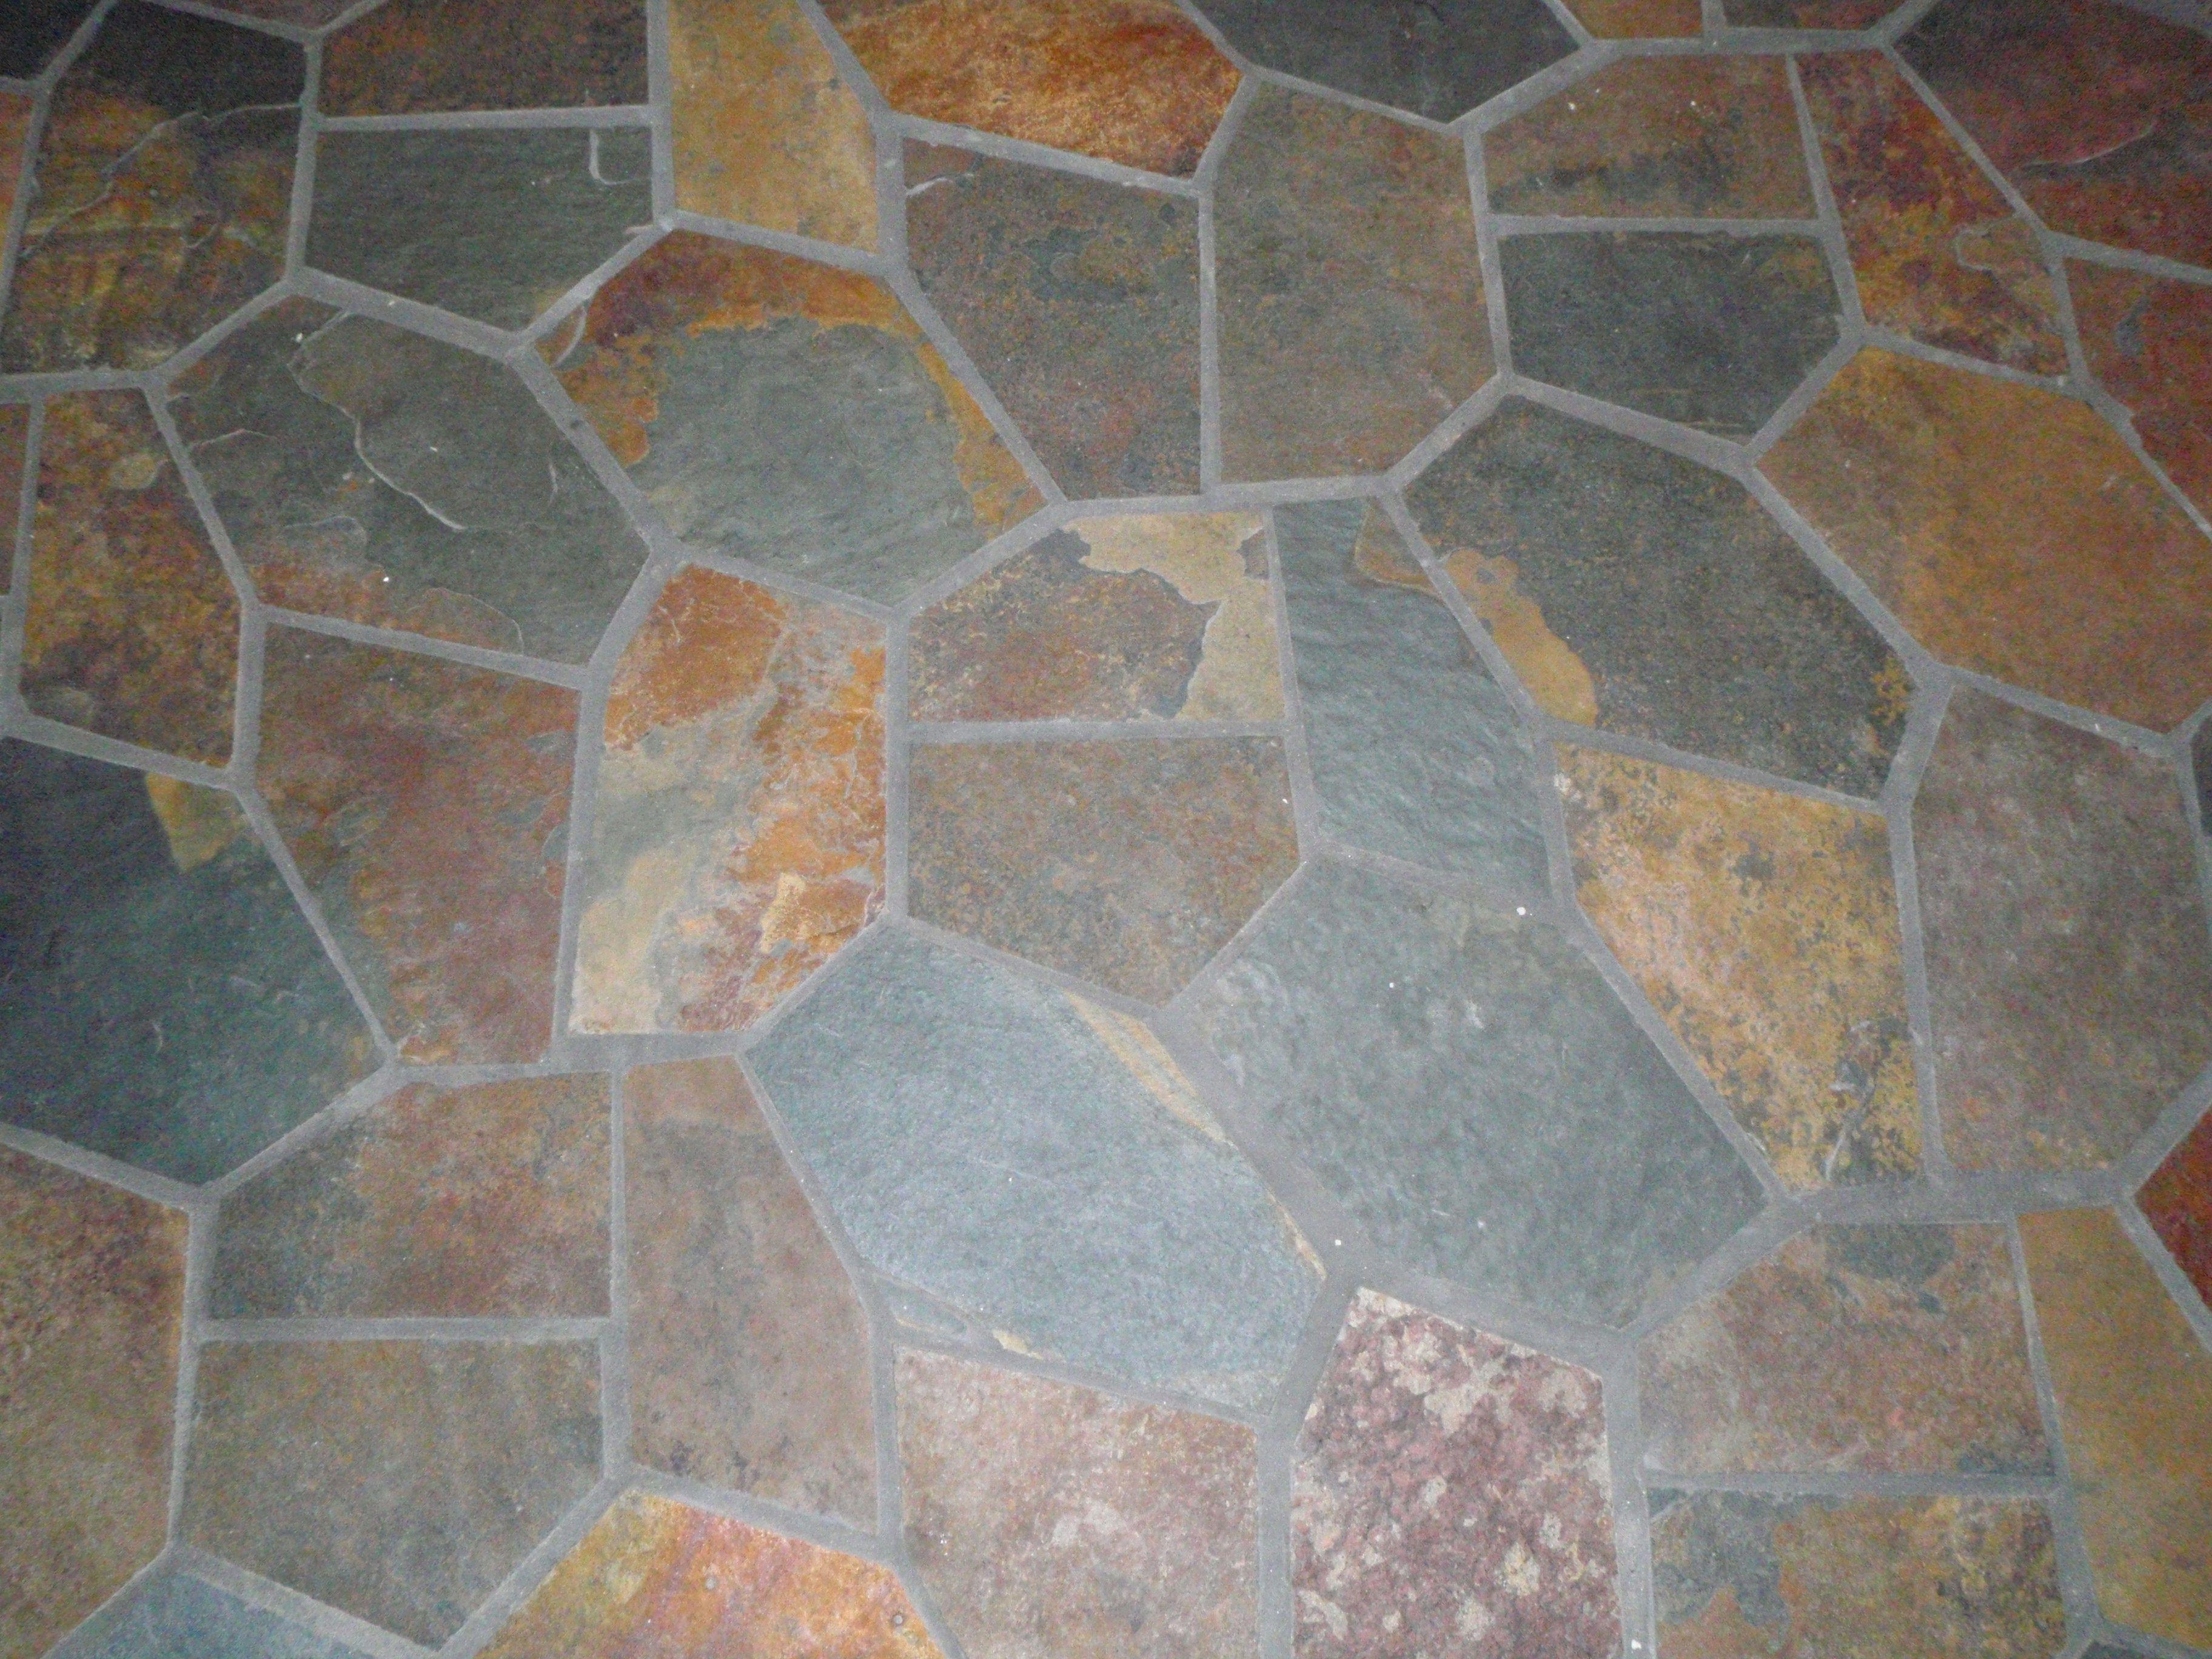 slate flooring  random slate tile with heated floor